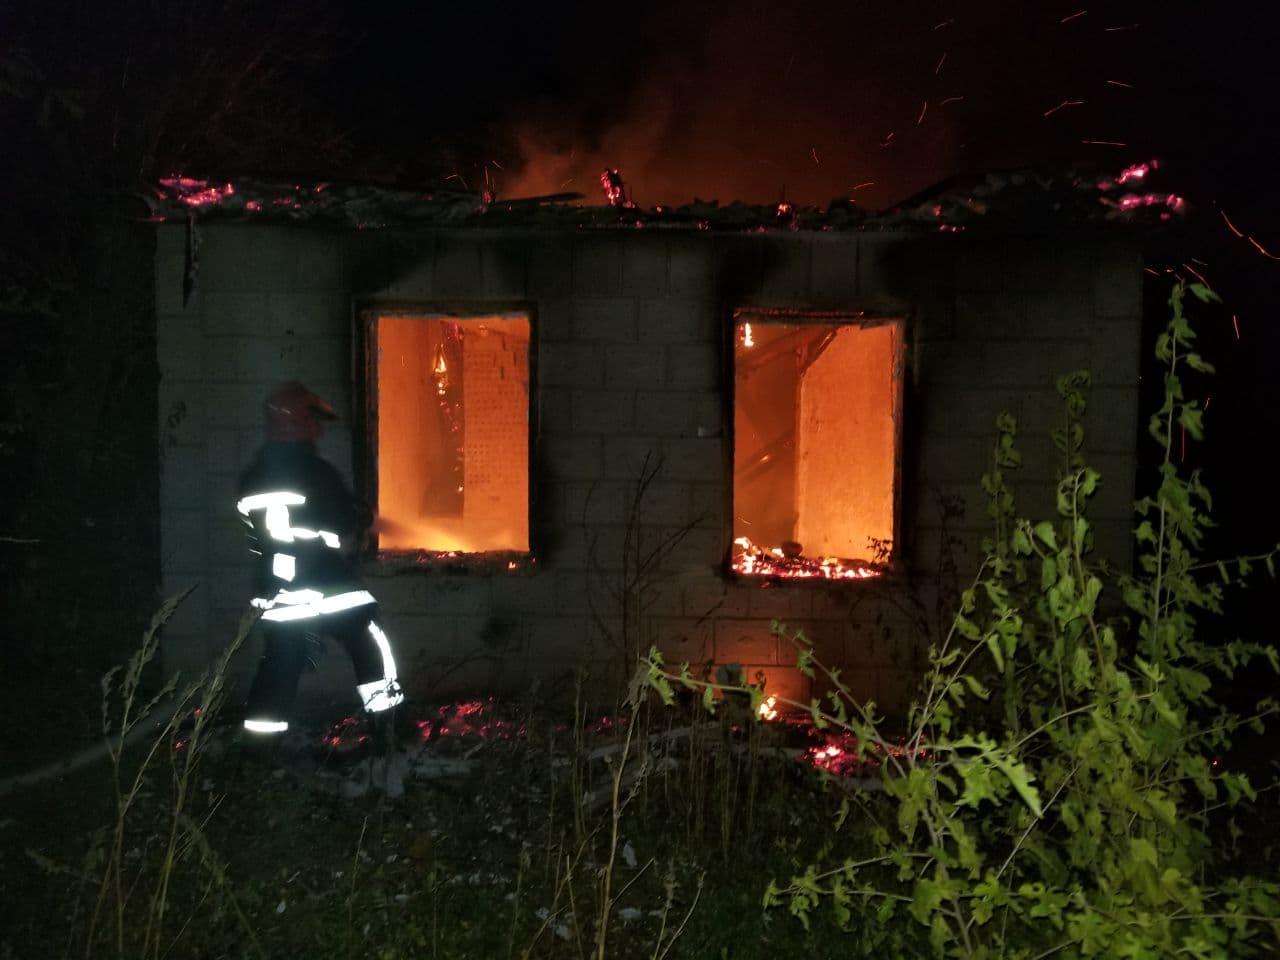 Без Купюр У Кропивницькому районі під час пожежі в будинку знайшли тіло загиблої людини Події  пожежа новини Кропивницький район загиблий ДСНС